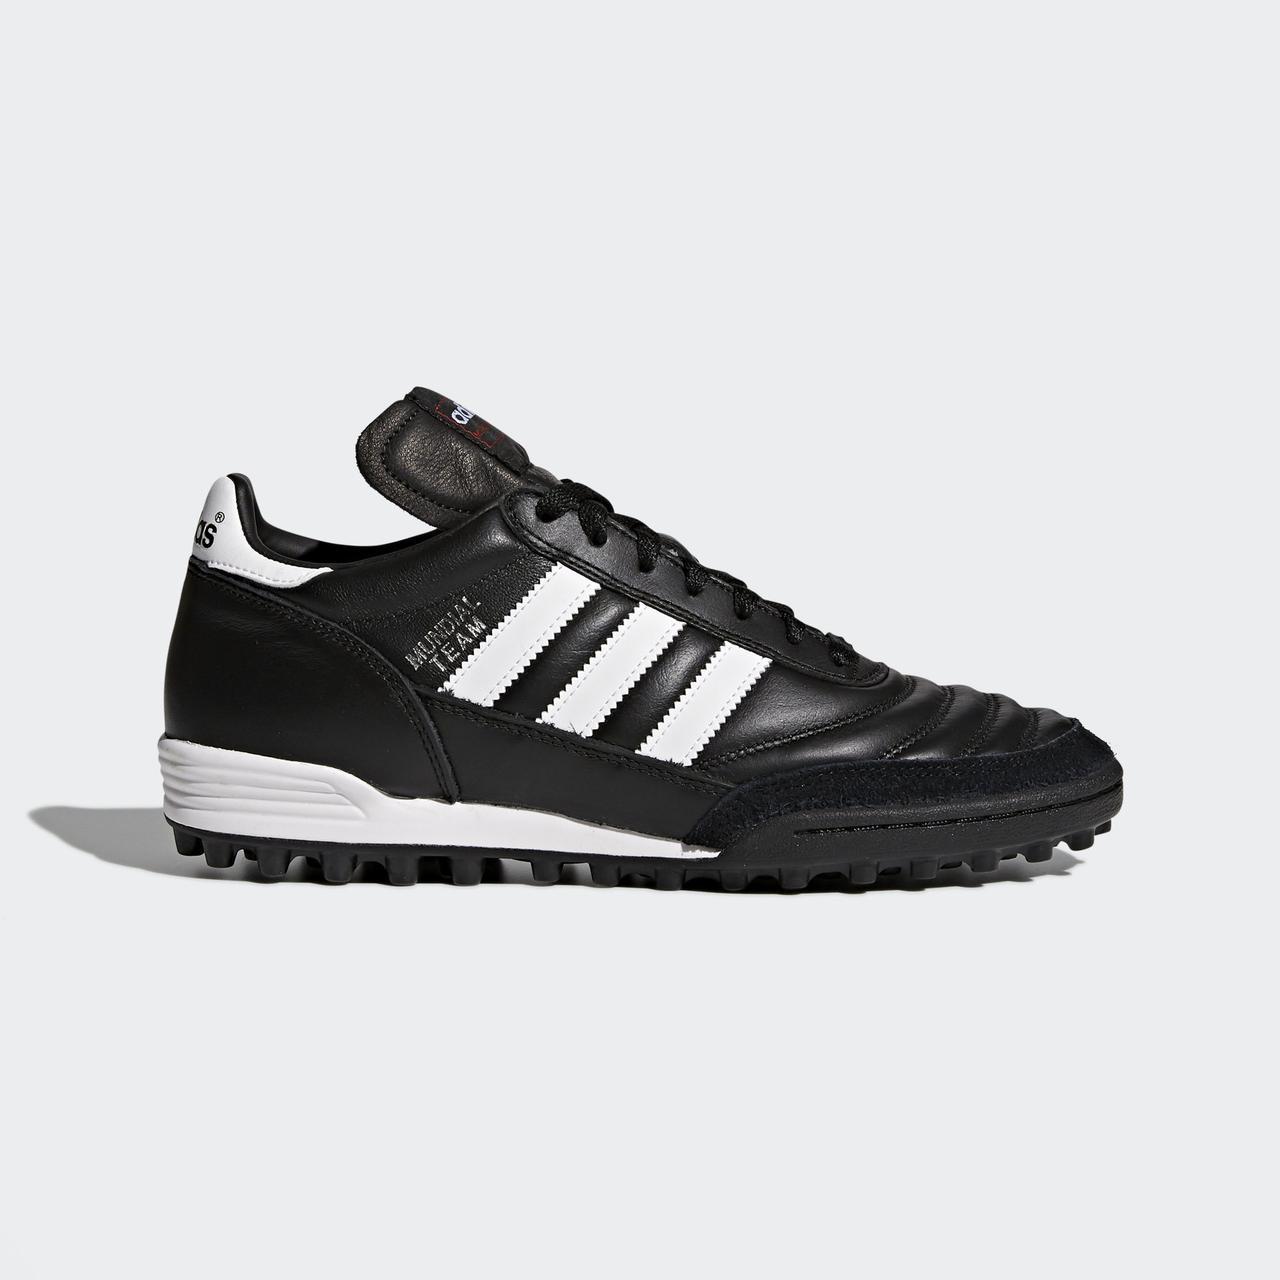 9d7185e4 Cороконожки Adidas Mundial Team 019228 - Popsport.com.ua ‒ интернет-магазин  спортивной